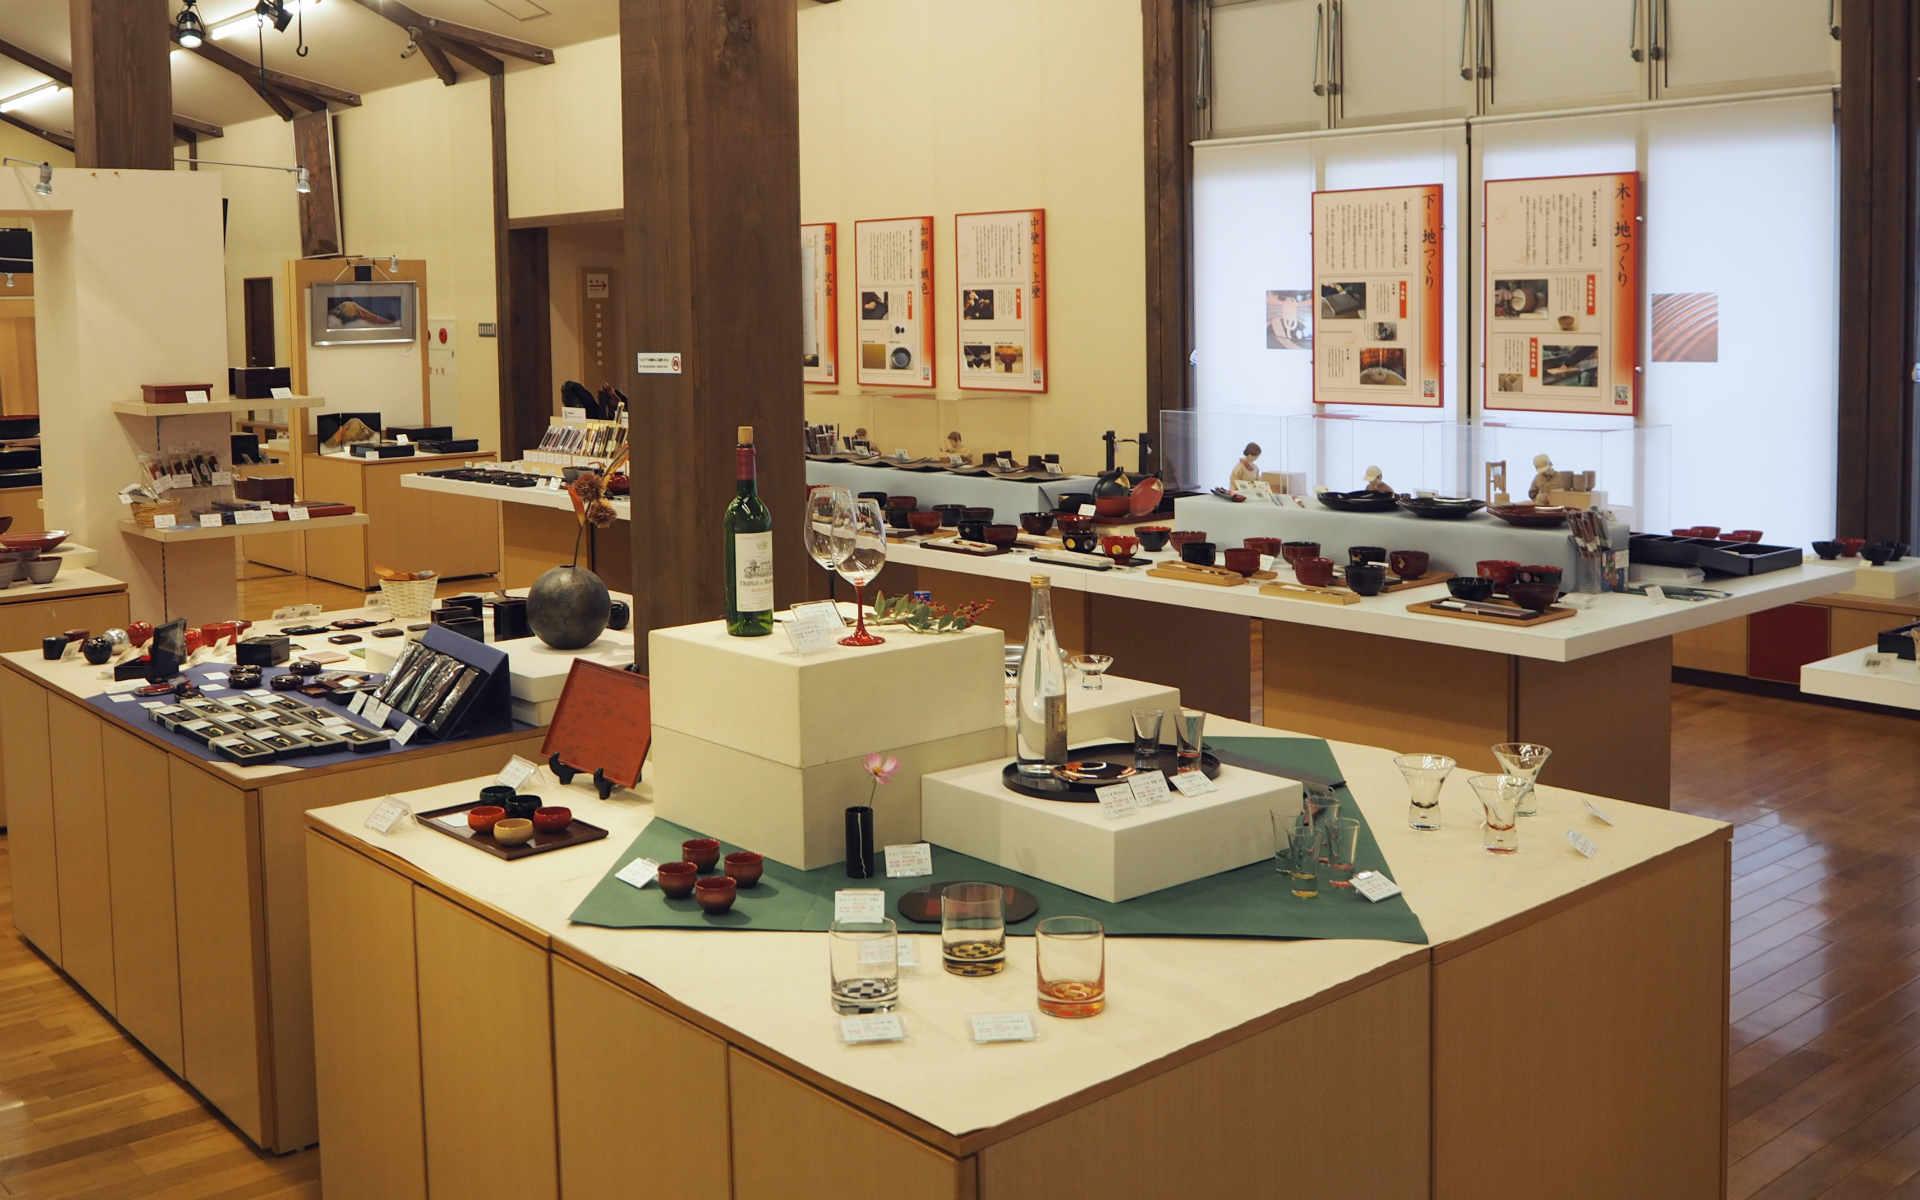 ミュージアムショップには様々な用途で用いられる1300点の漆器が並ぶ